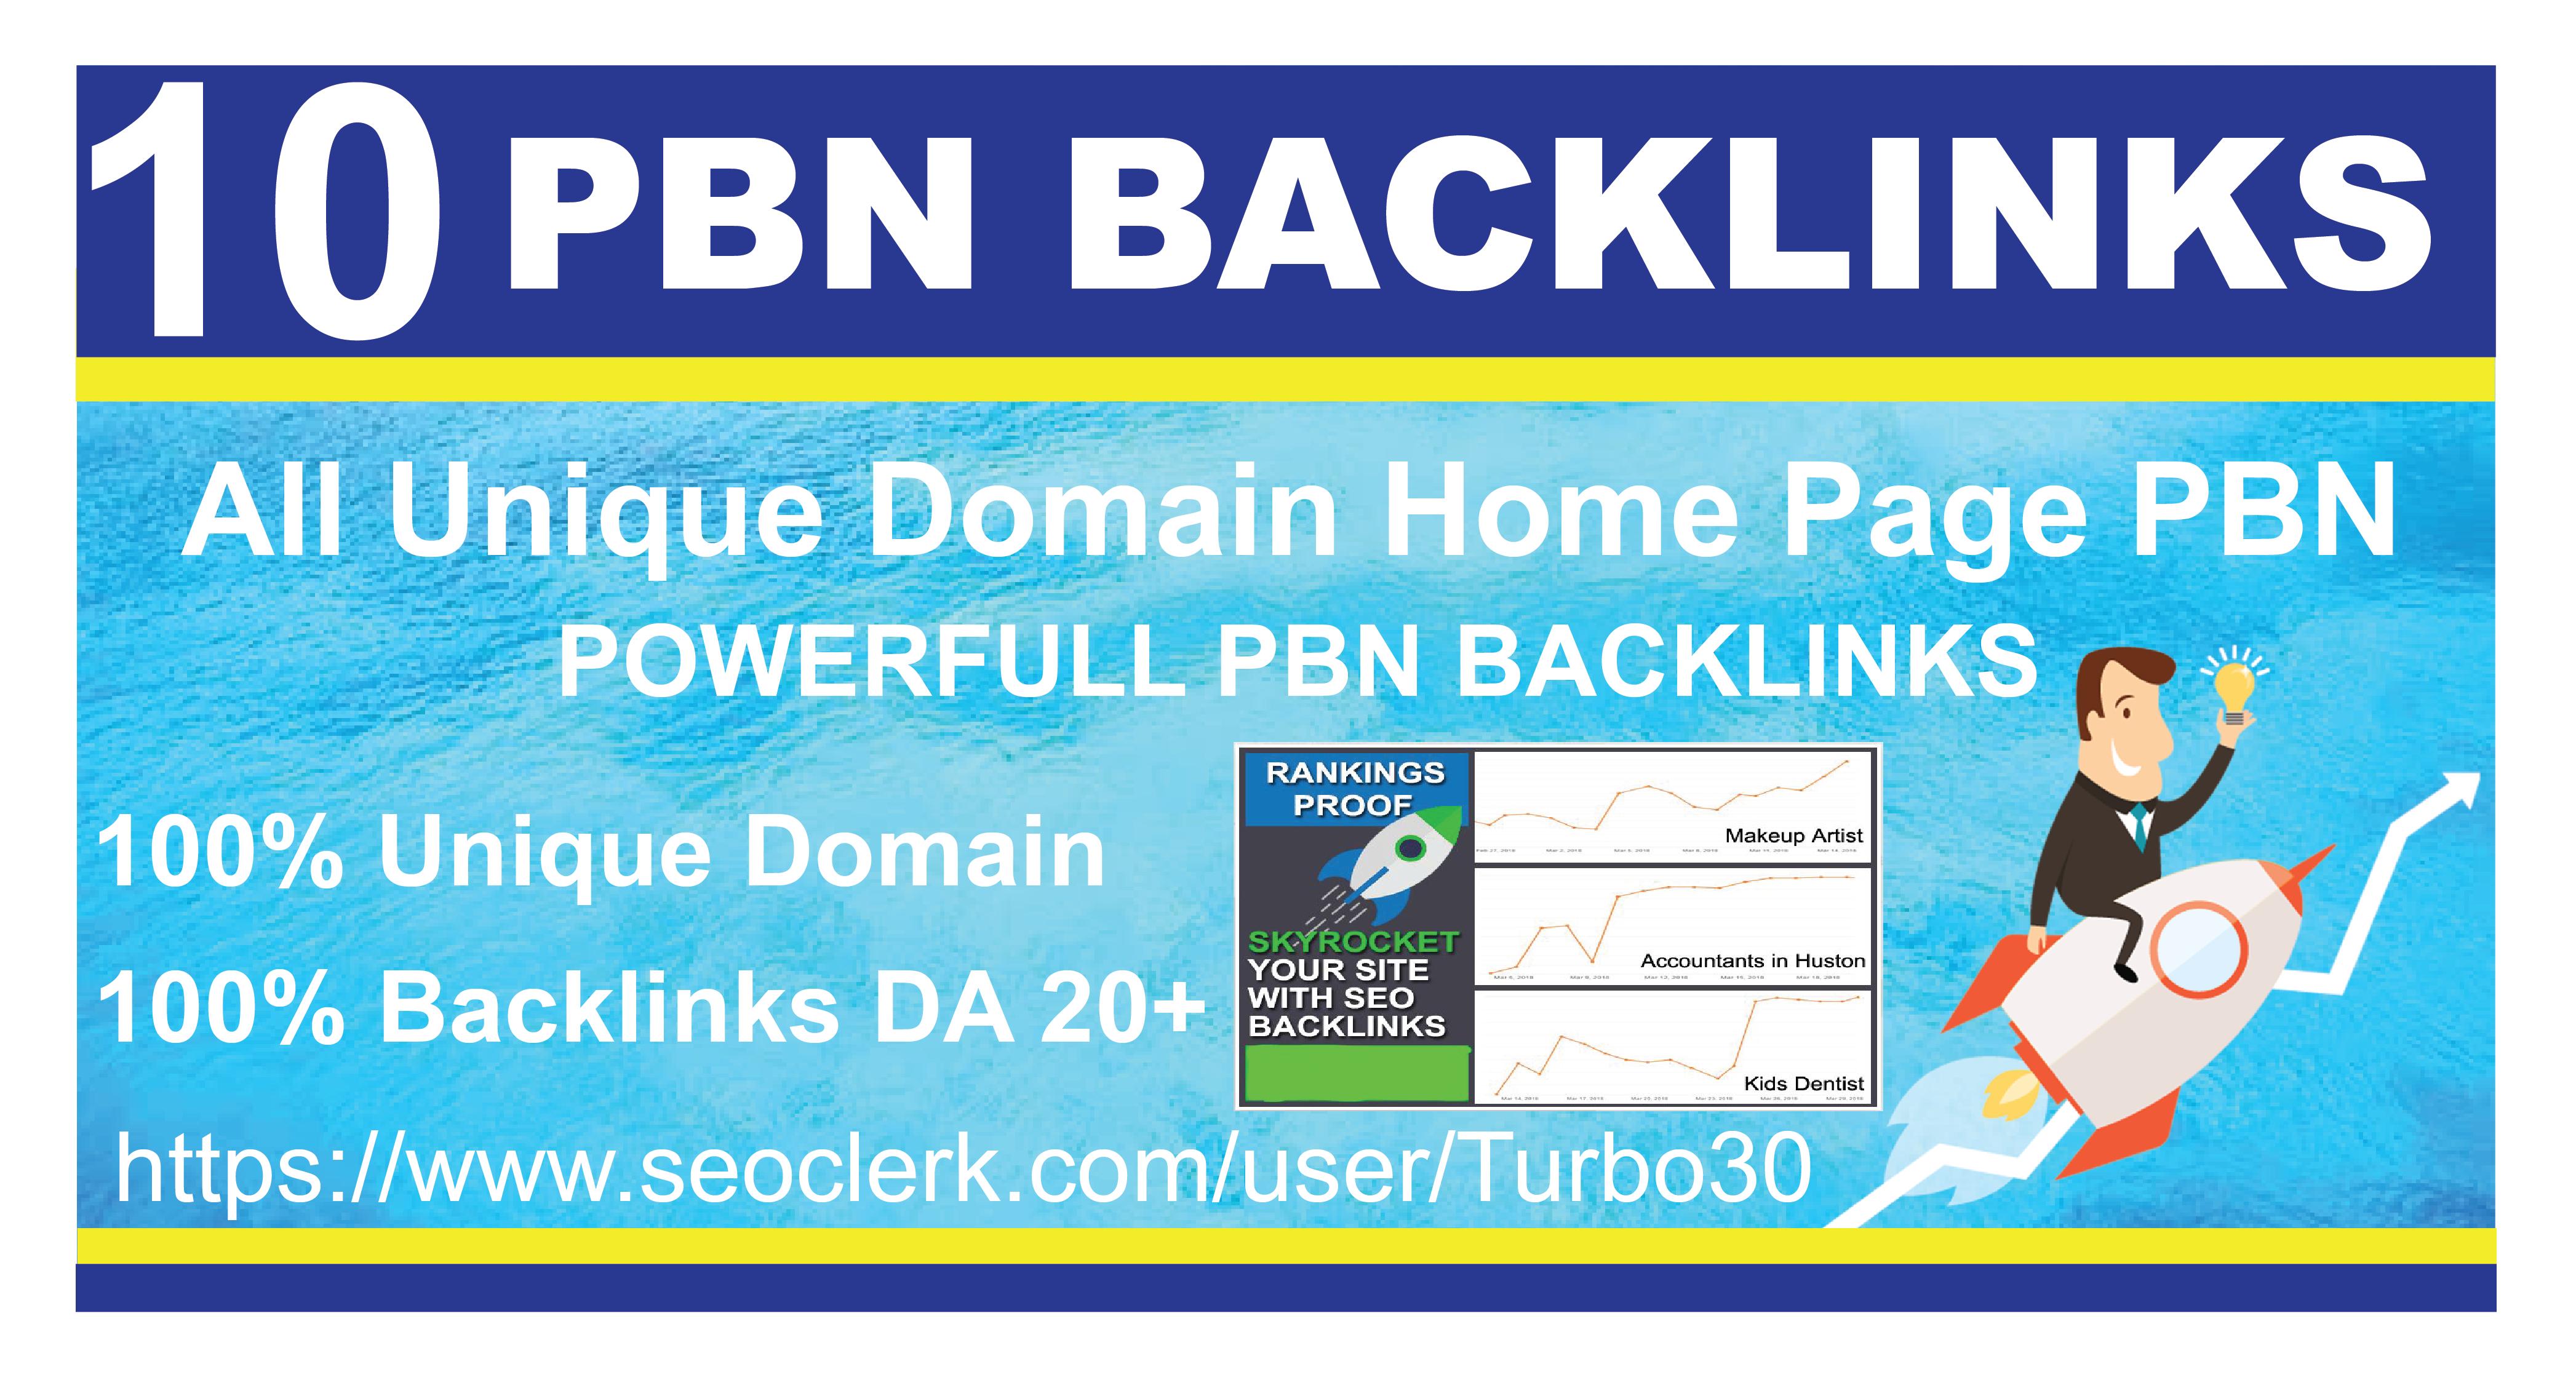 I will do 10 home page PBN Backlinks DA 20+